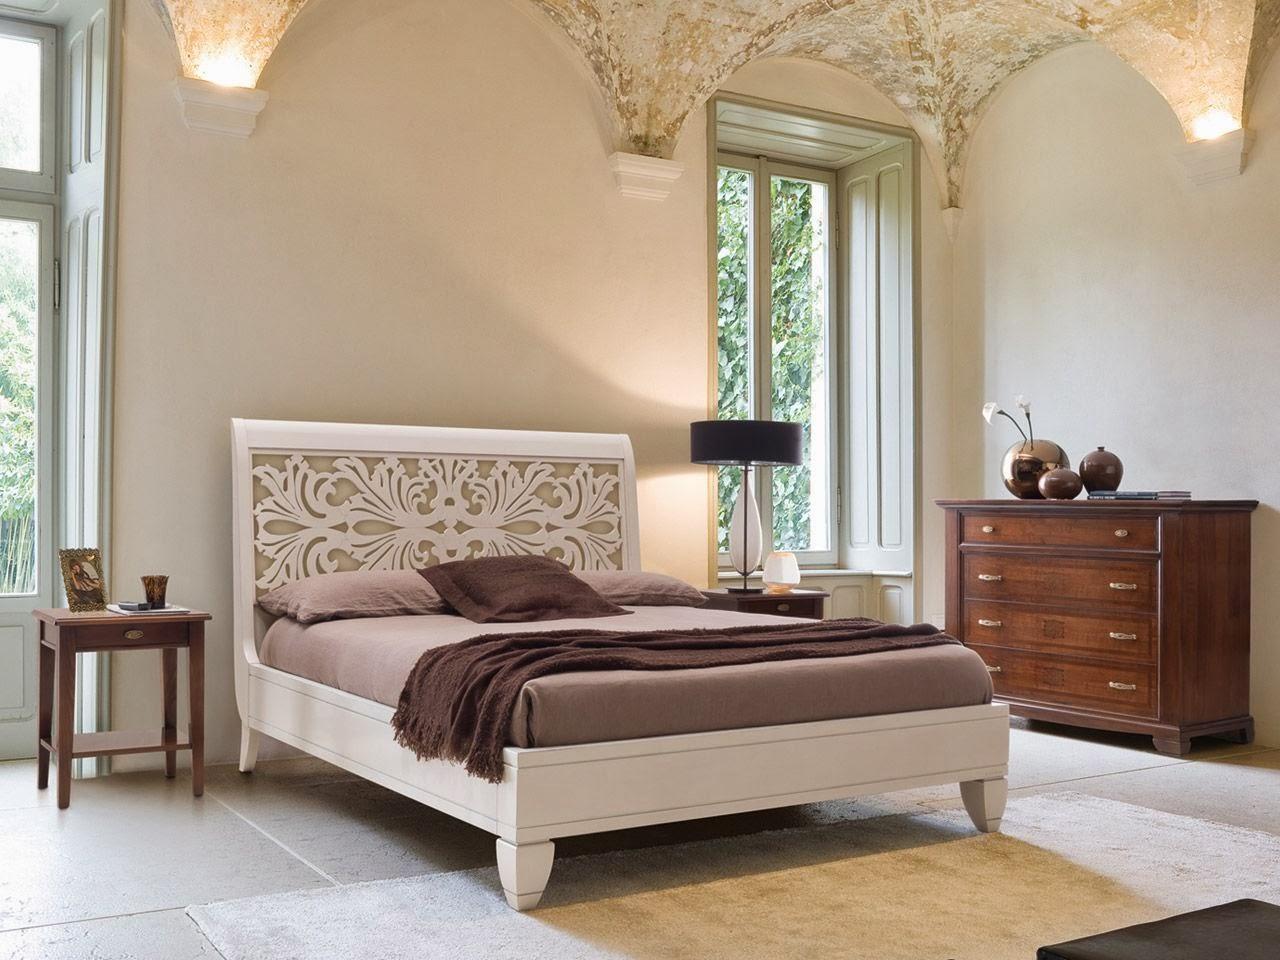 Camere Da Letto Moderne Bruno Piombini – Tecasrl.info